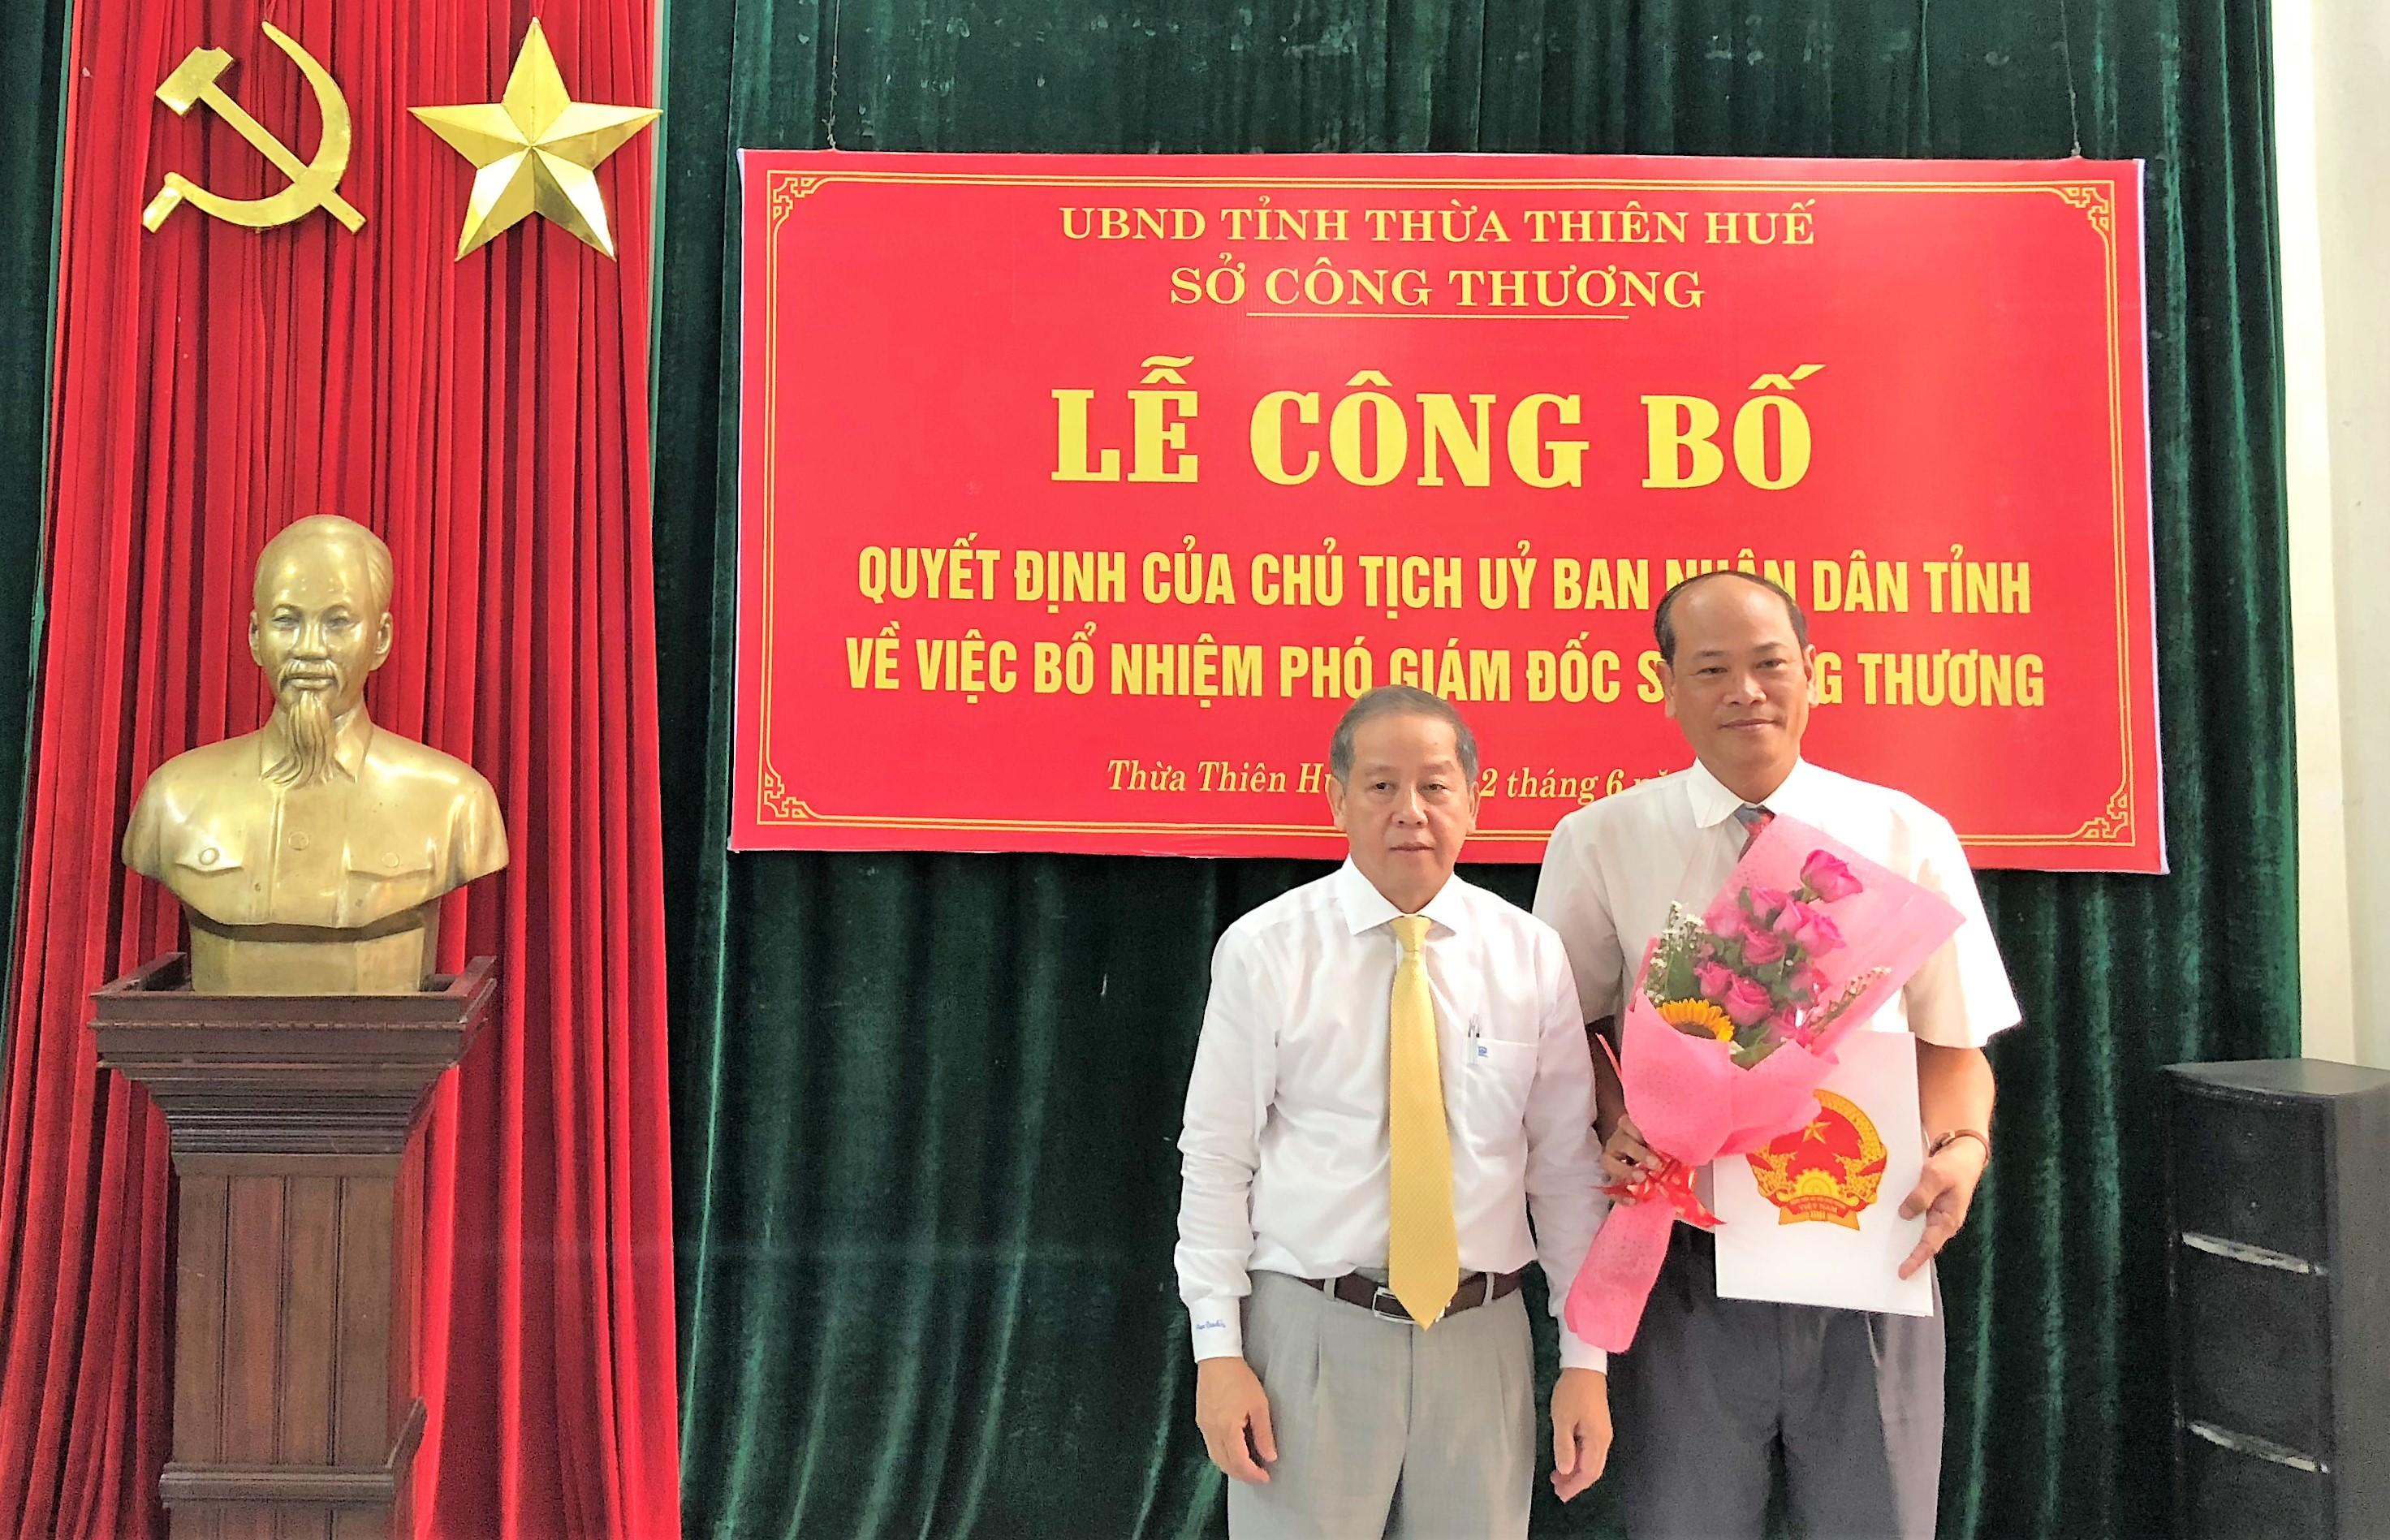 Thừa Thiên Huế: Bổ nhiệm Phó Giám đốc Sở Công Thương thông qua thi tuyển